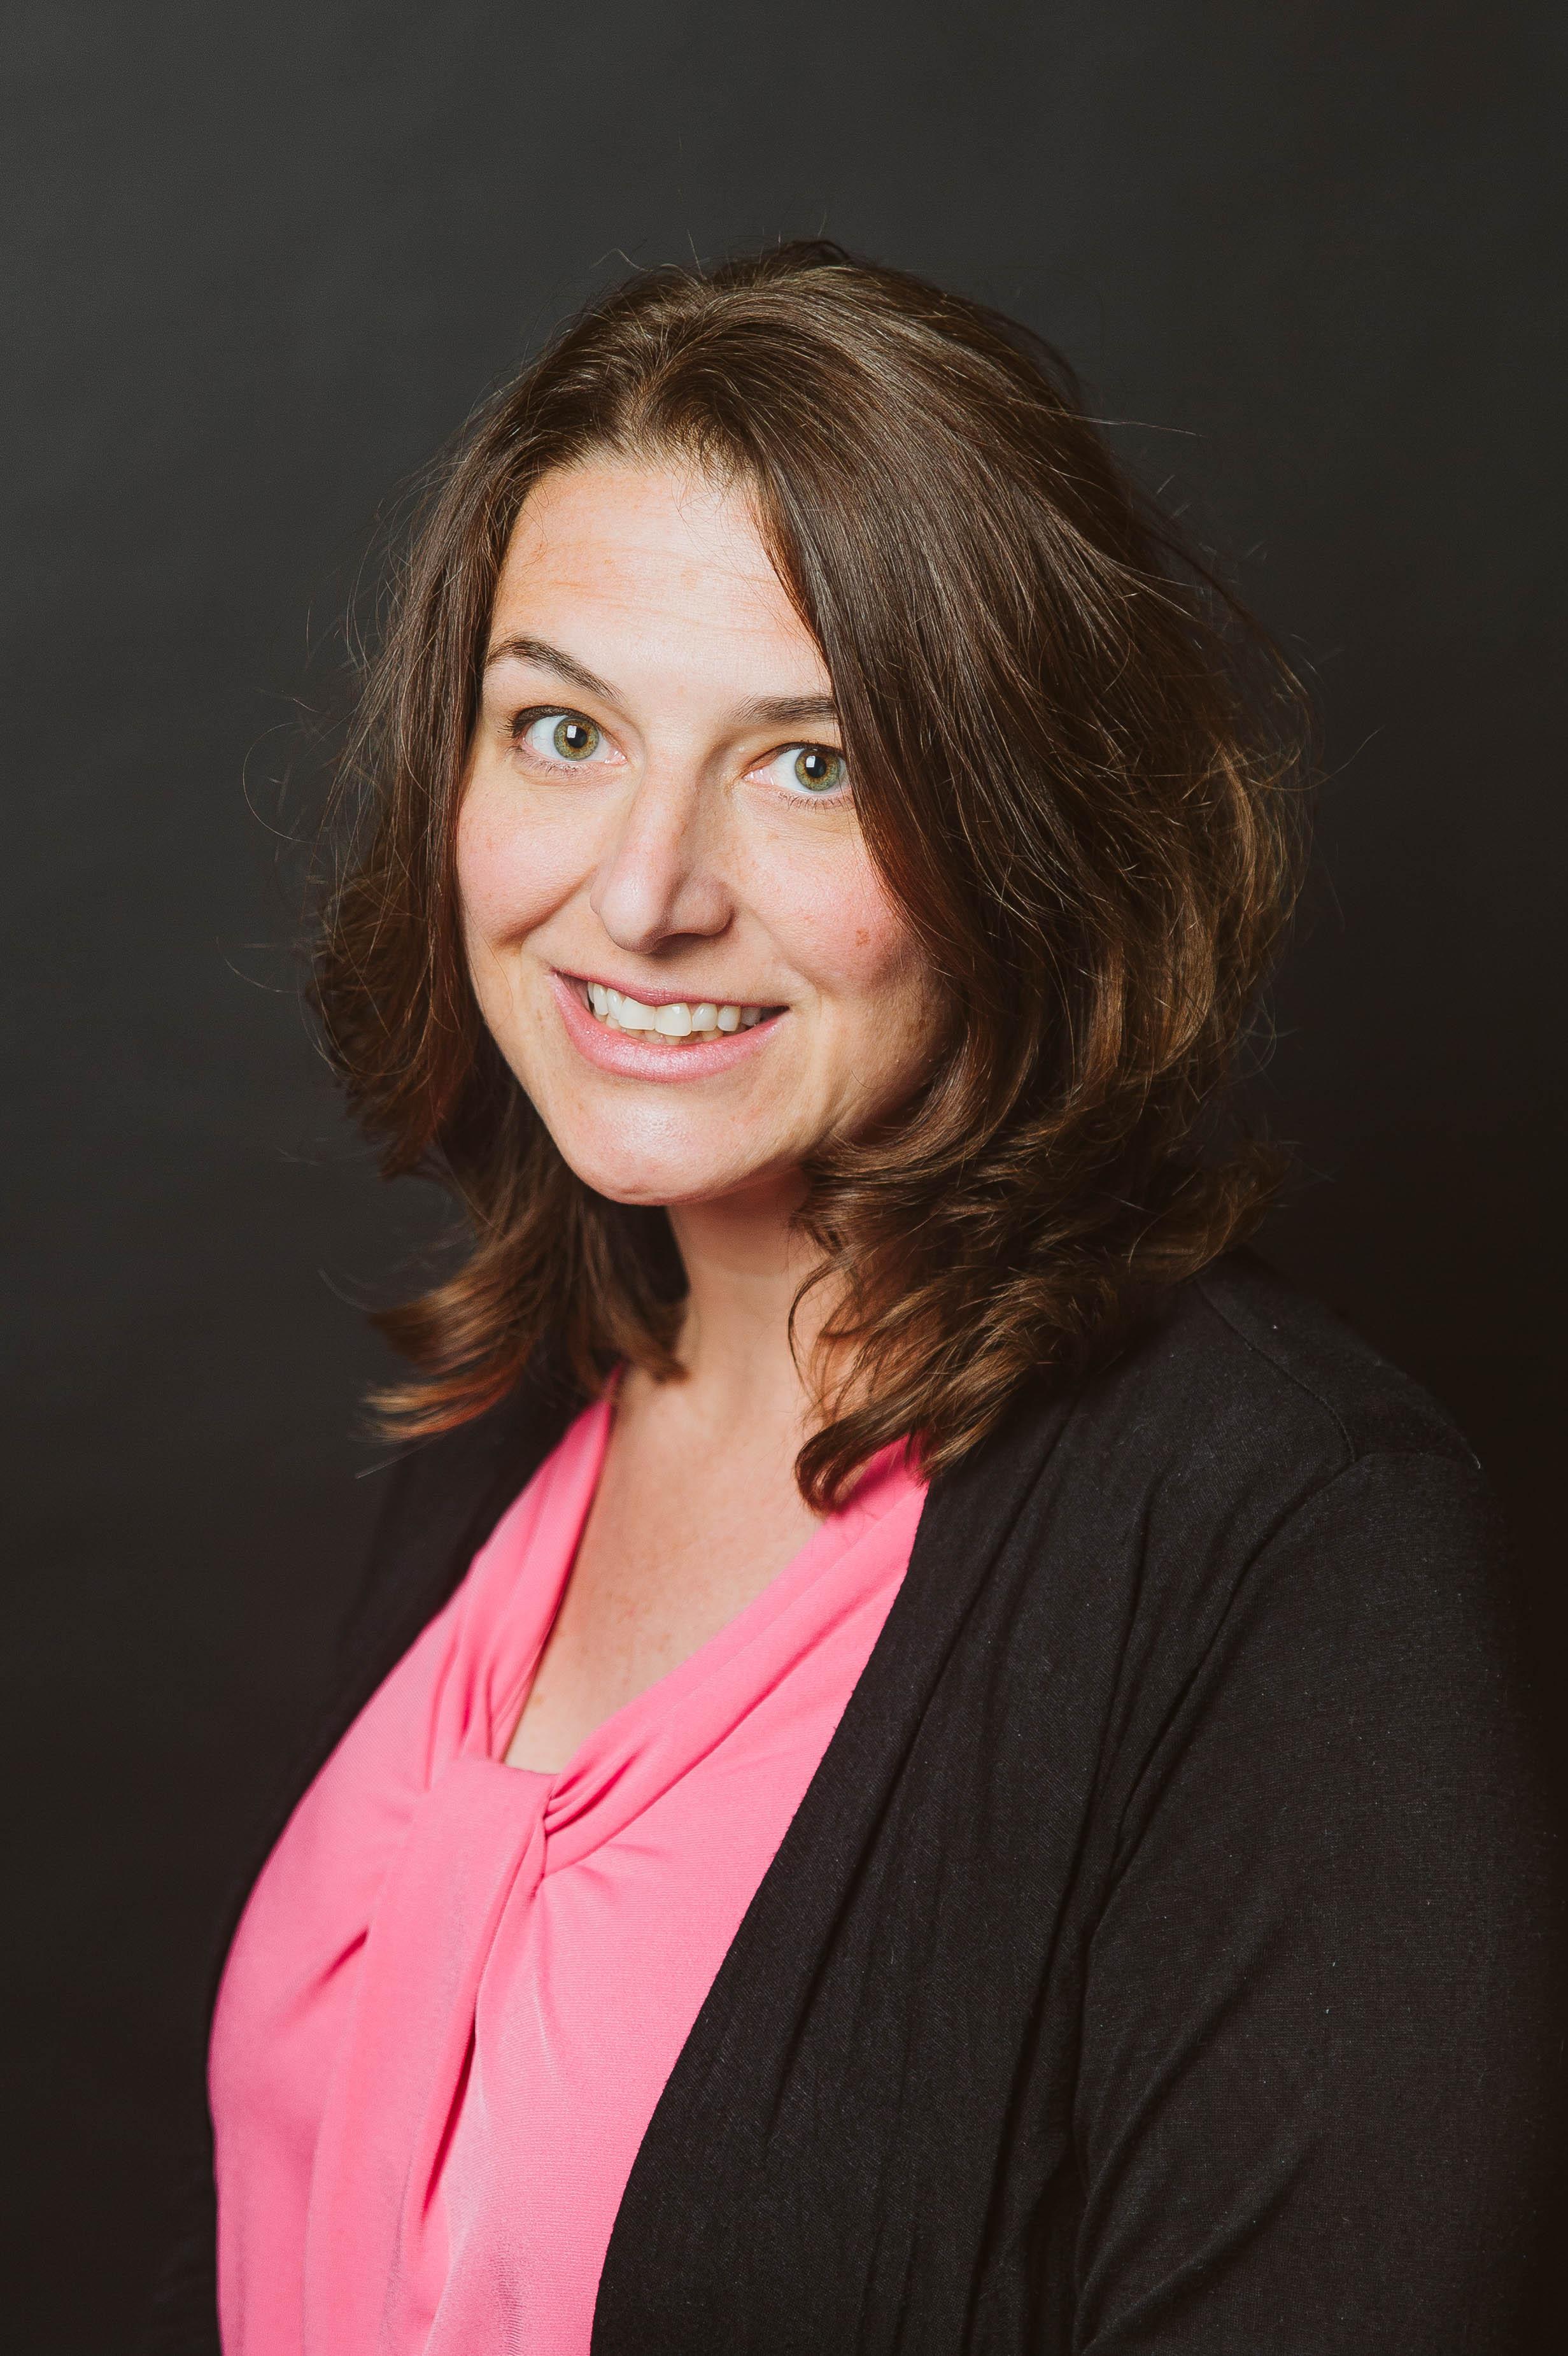 Cynthia Gooch